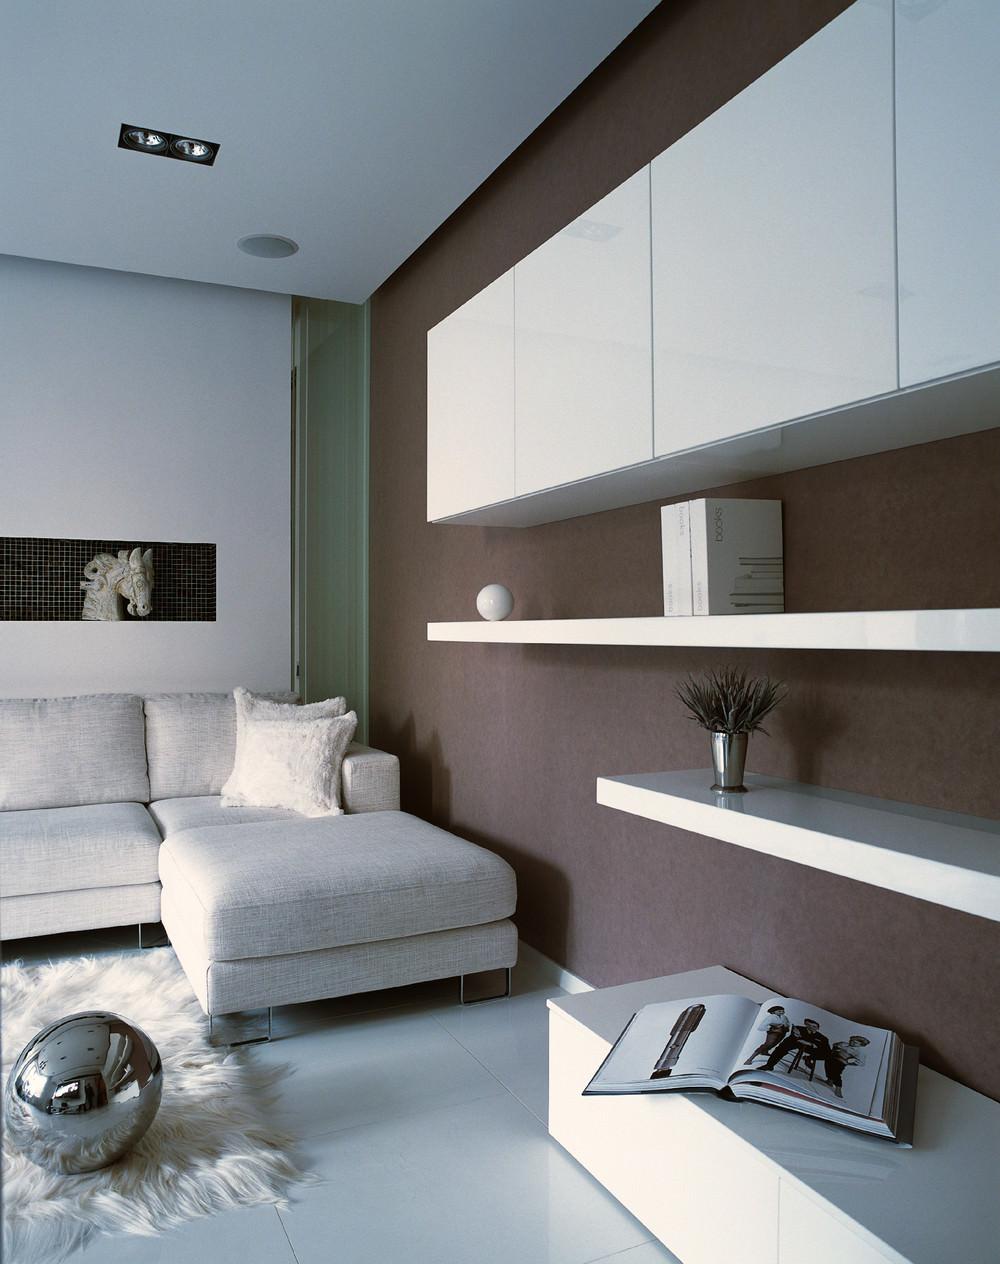 savremenen-interior-na-apartament-v-beli-niuansi-9g